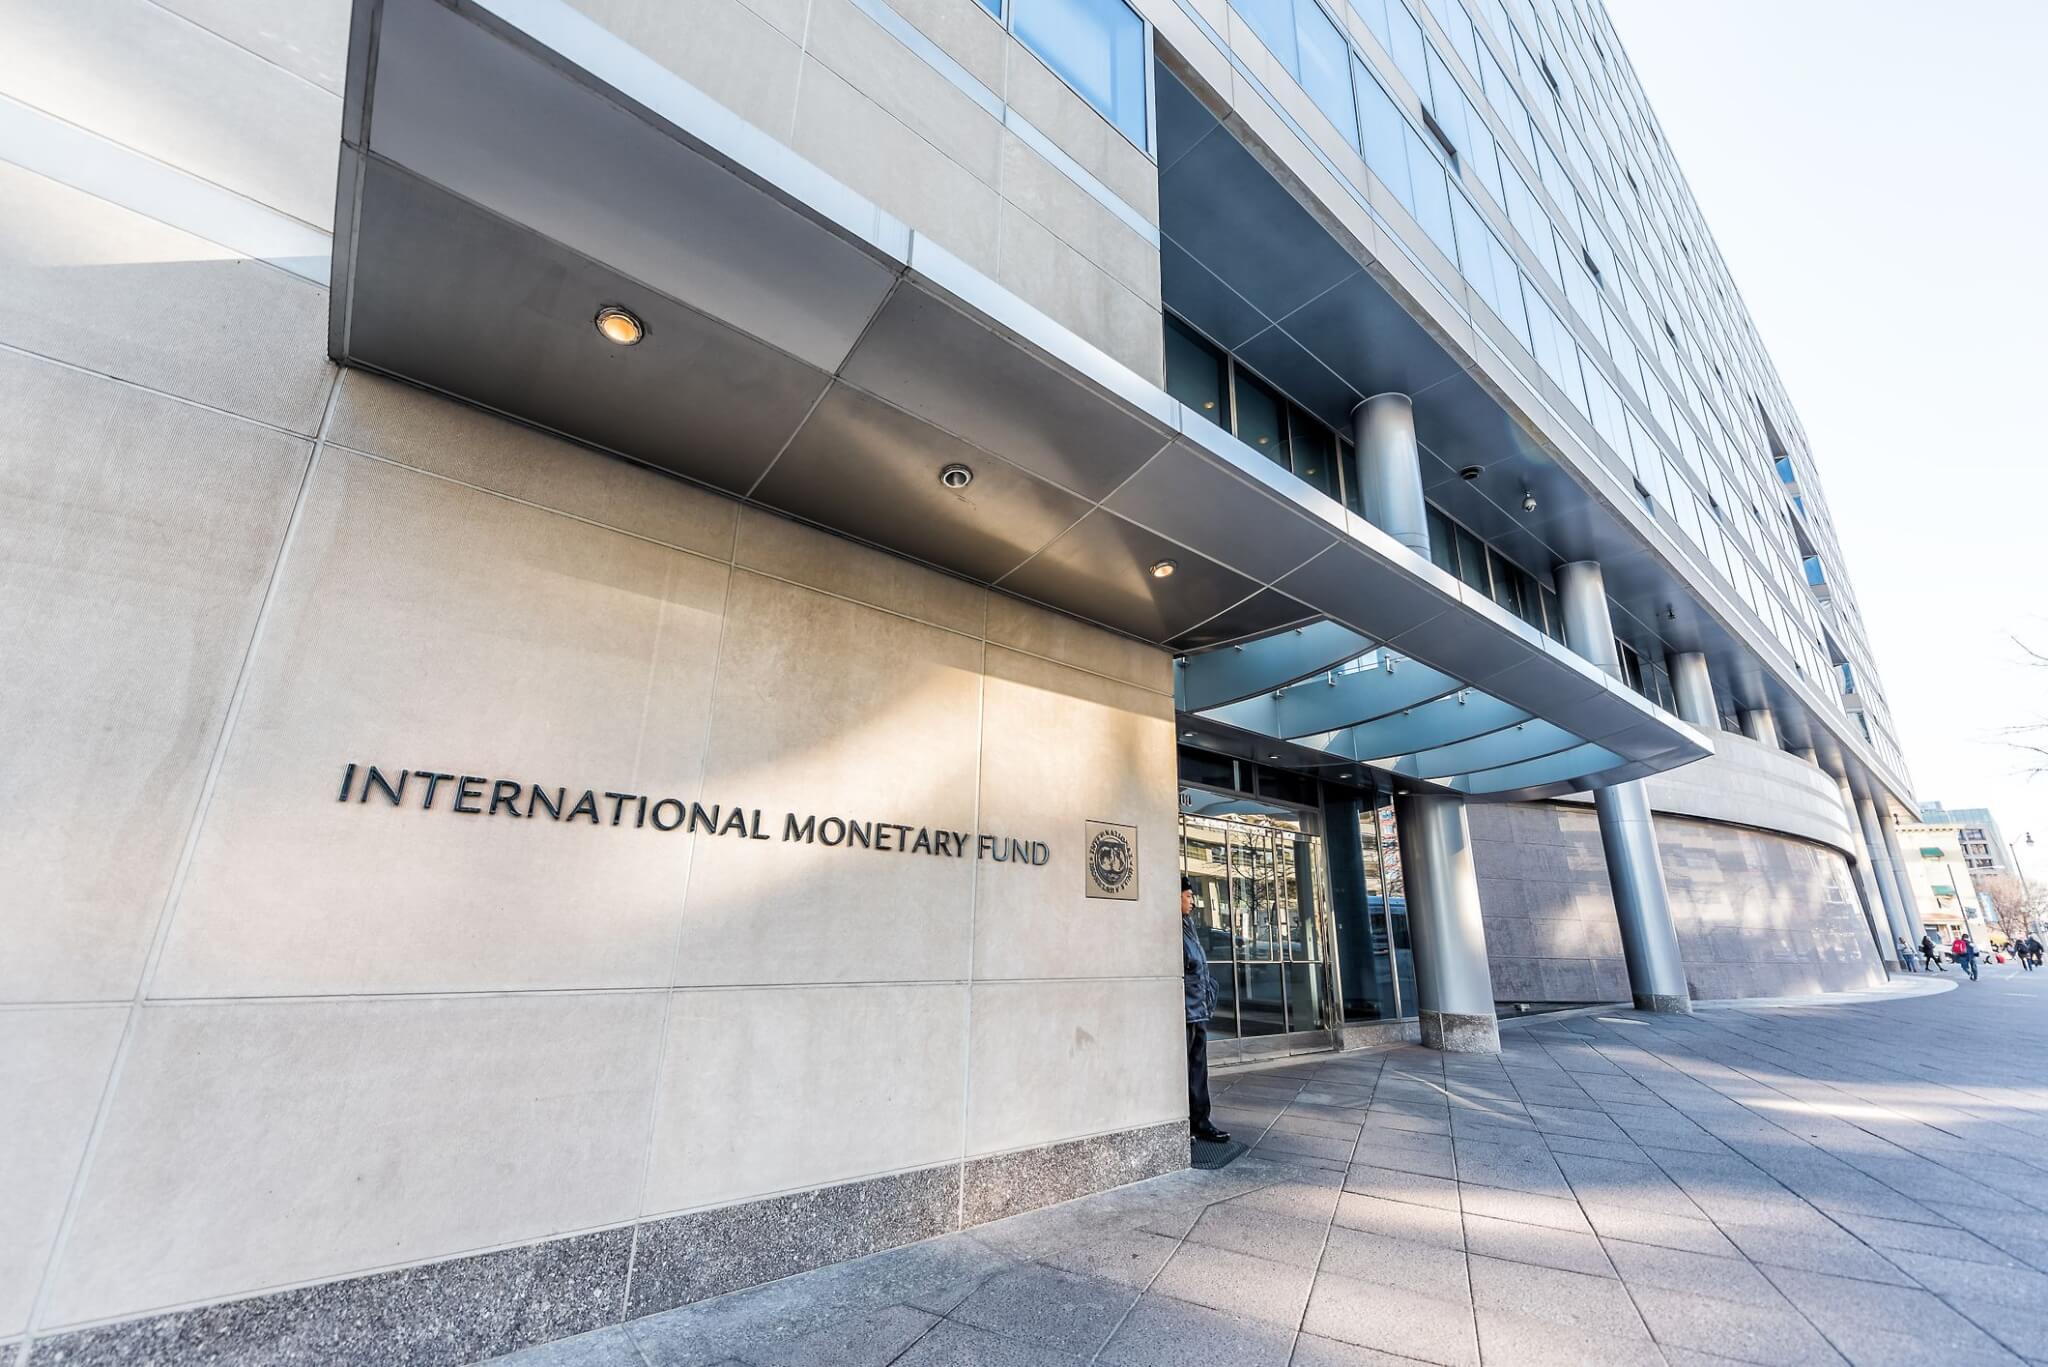 IMF slashes PH growth forecast to 5.4%